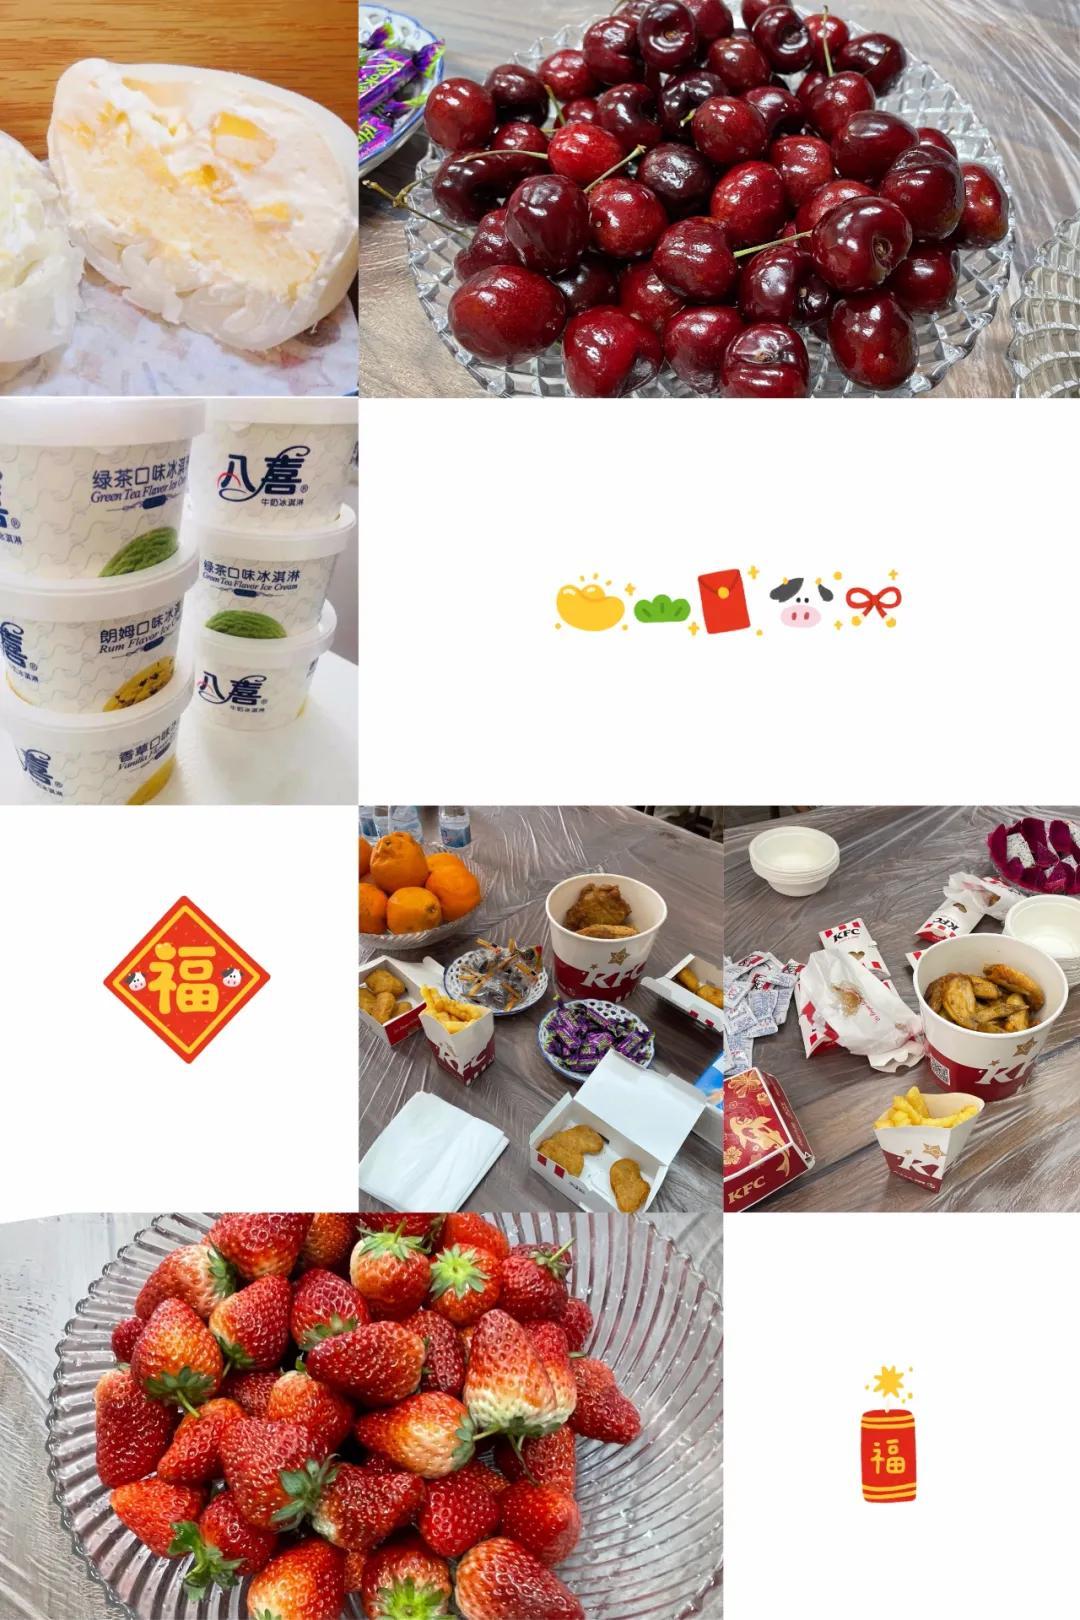 迎新年、庆团圆 | <a href=http://www.cbmbj.com target=_blank class=infotextkey>国广子行</a>传媒的这顿饺子,真香